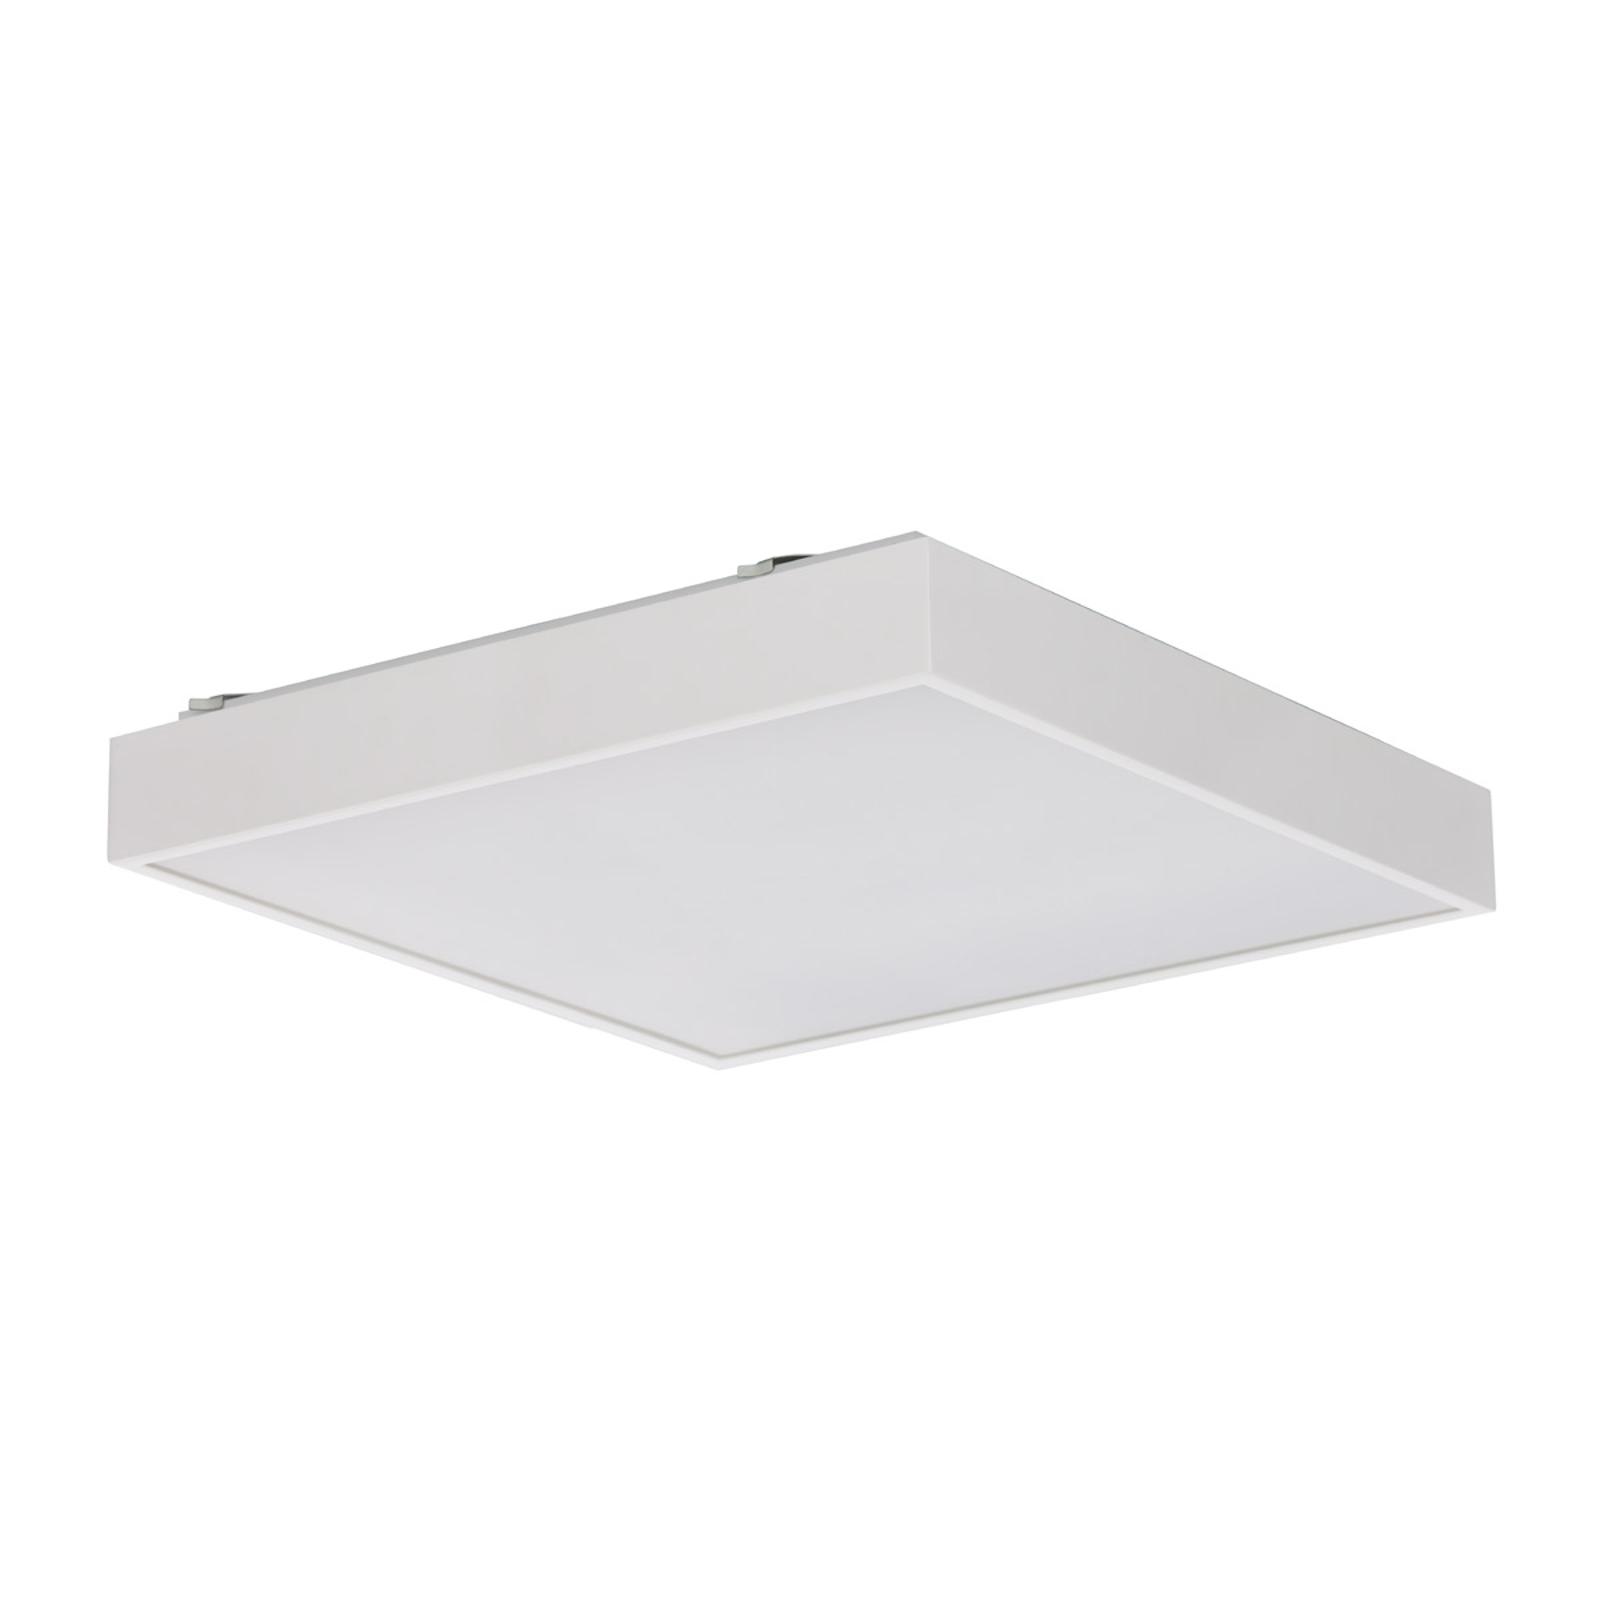 Neliskulmainen LED-kattovalaisin Q5 valkoinen EVG